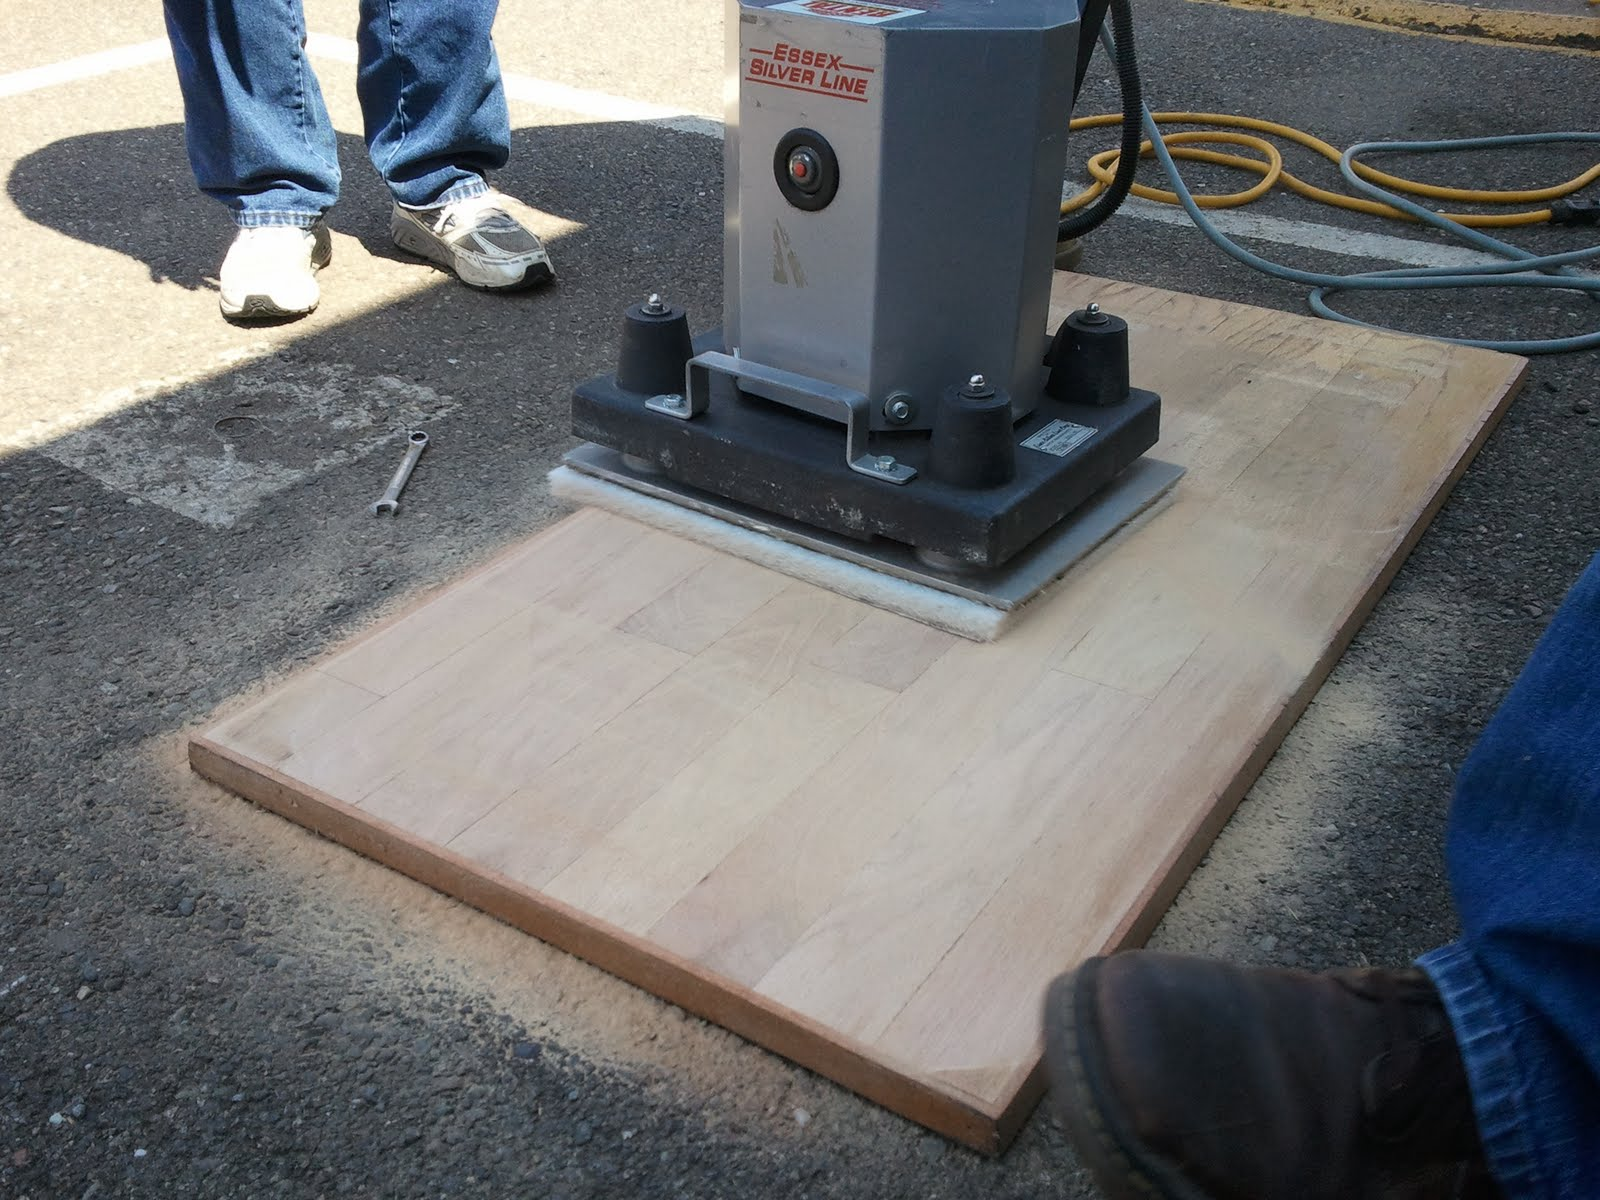 Timallenequipment Floor Sanding Demo Day At Tim Allen